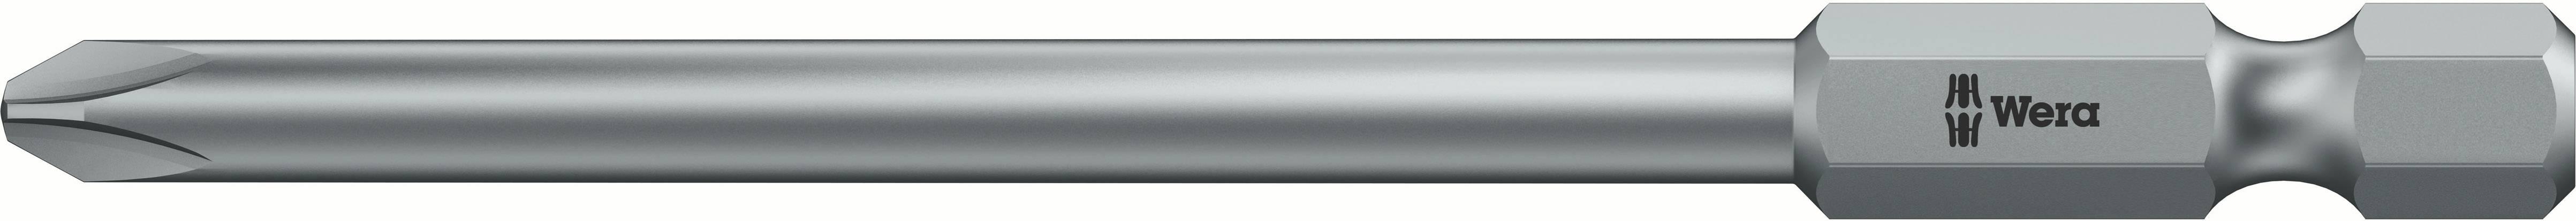 Predĺžený krížový bit Wera 851 / 4 Z PH 1 X 70 MM;4.5 mm 05 059755 001, nástrojová oceľ, 1 ks